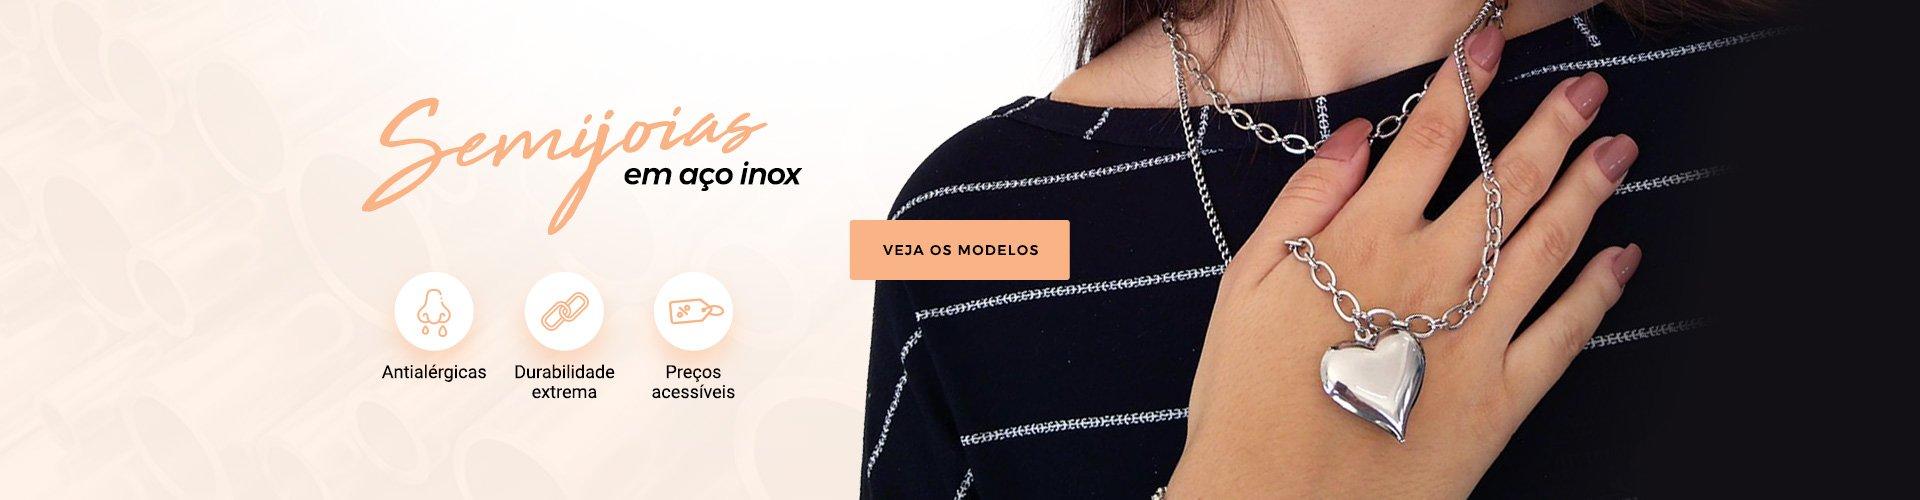 hero-inox-1